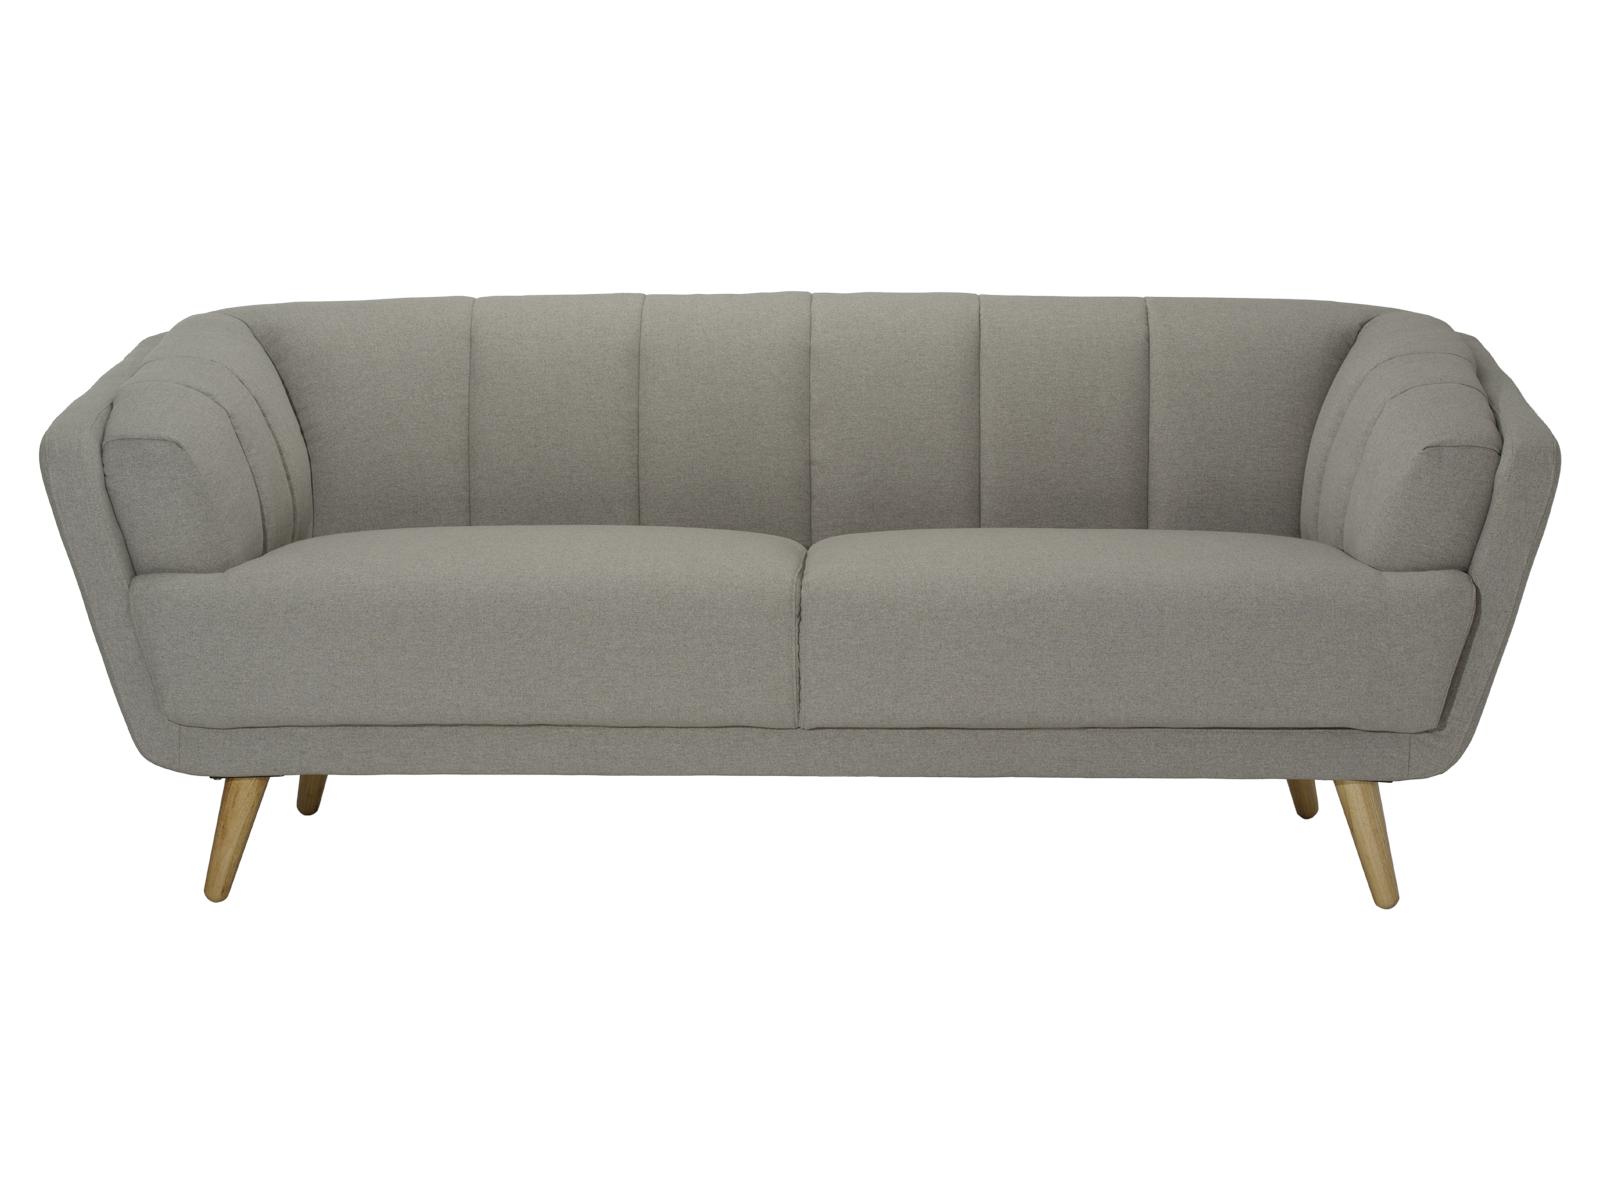 Canapea fixa tapitata cu stofa Loft Grey